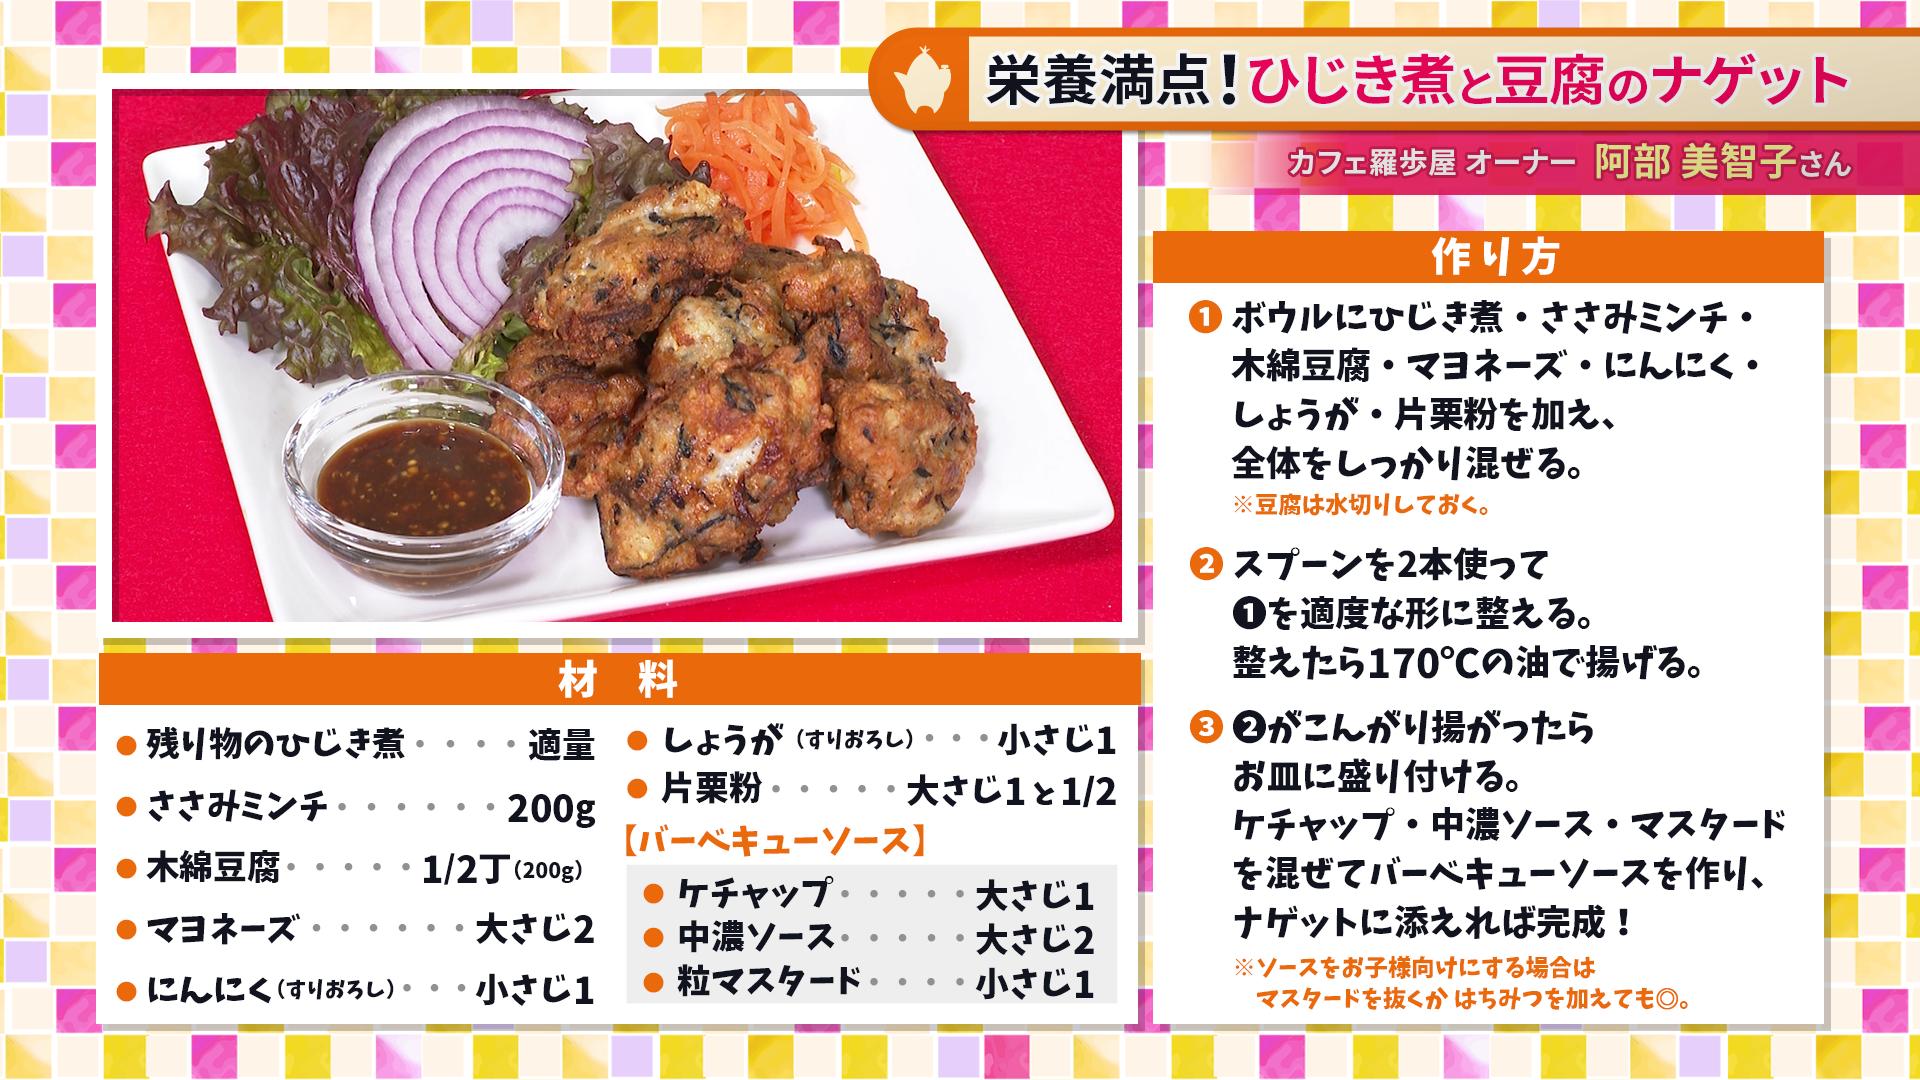 たけナビ『ひじき煮と豆腐のナゲット』レシピ(3/16初回放送)